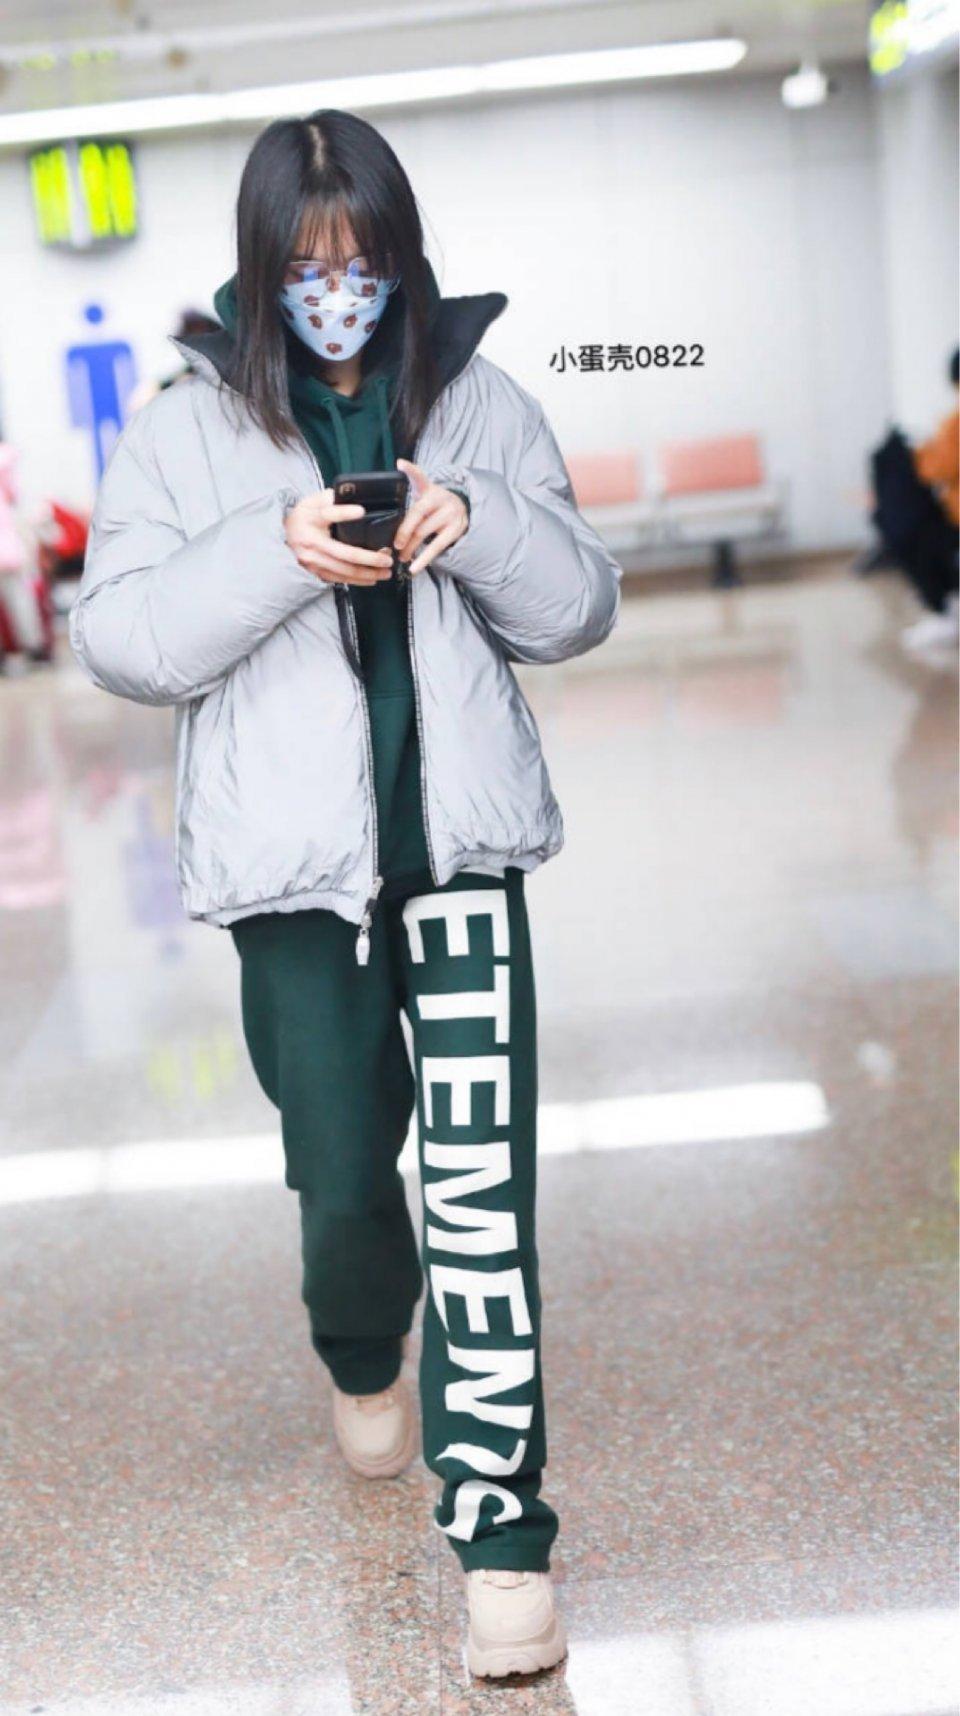 郑爽素颜亮相机场父母随行气场强大 被赞一家都是明星范